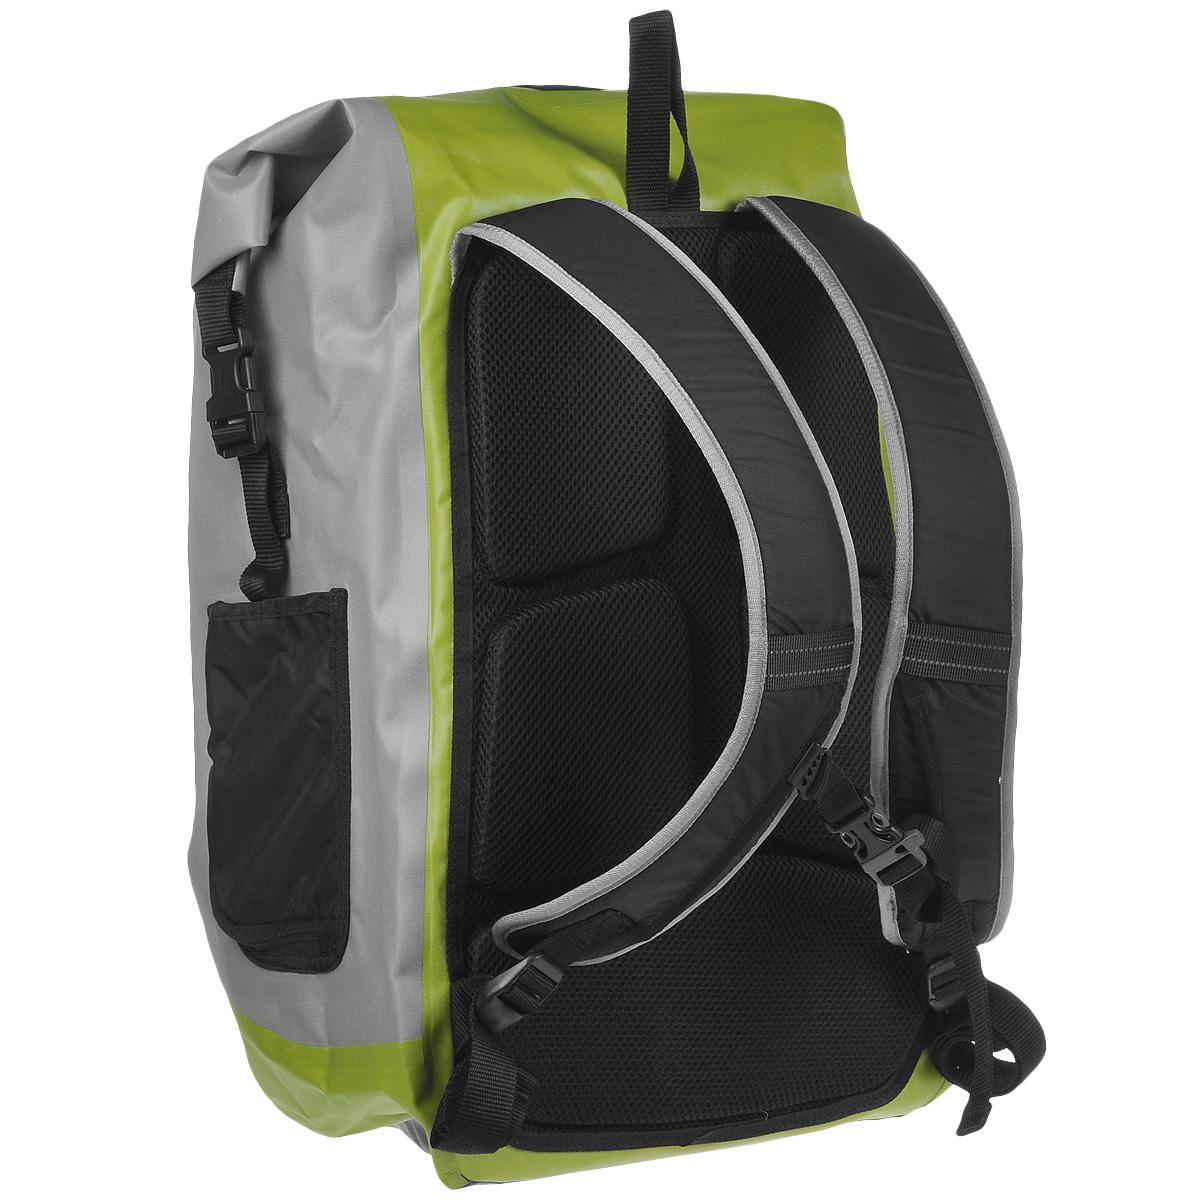 """Рюкзак городской Norfin """"Dry Bag"""", цвет: серый, неоновый желтый, 35 л ( NF-40303 )"""